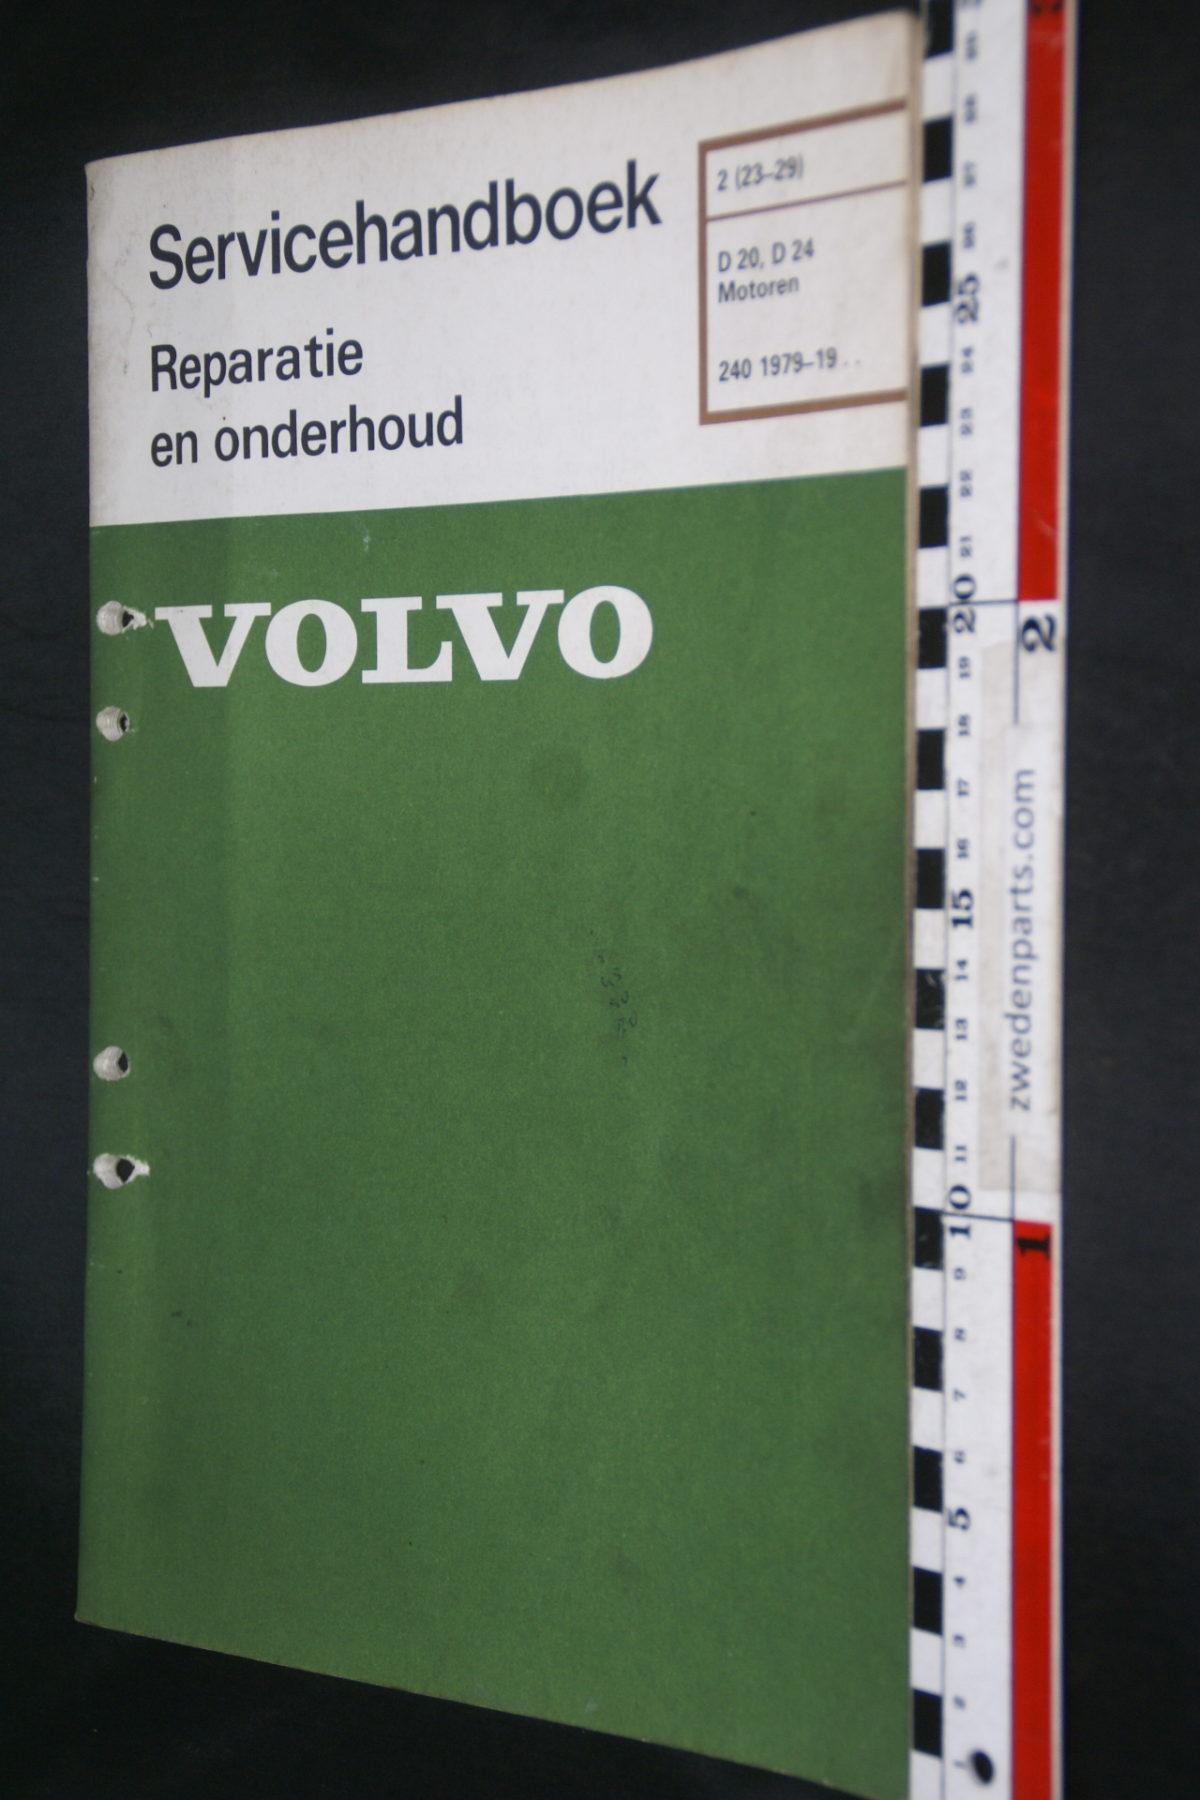 DSC08477 1983 origineel Volvo 240 servicehandboek  2 (23-29) motor D20, D24 1 van 800 TP 30016-2